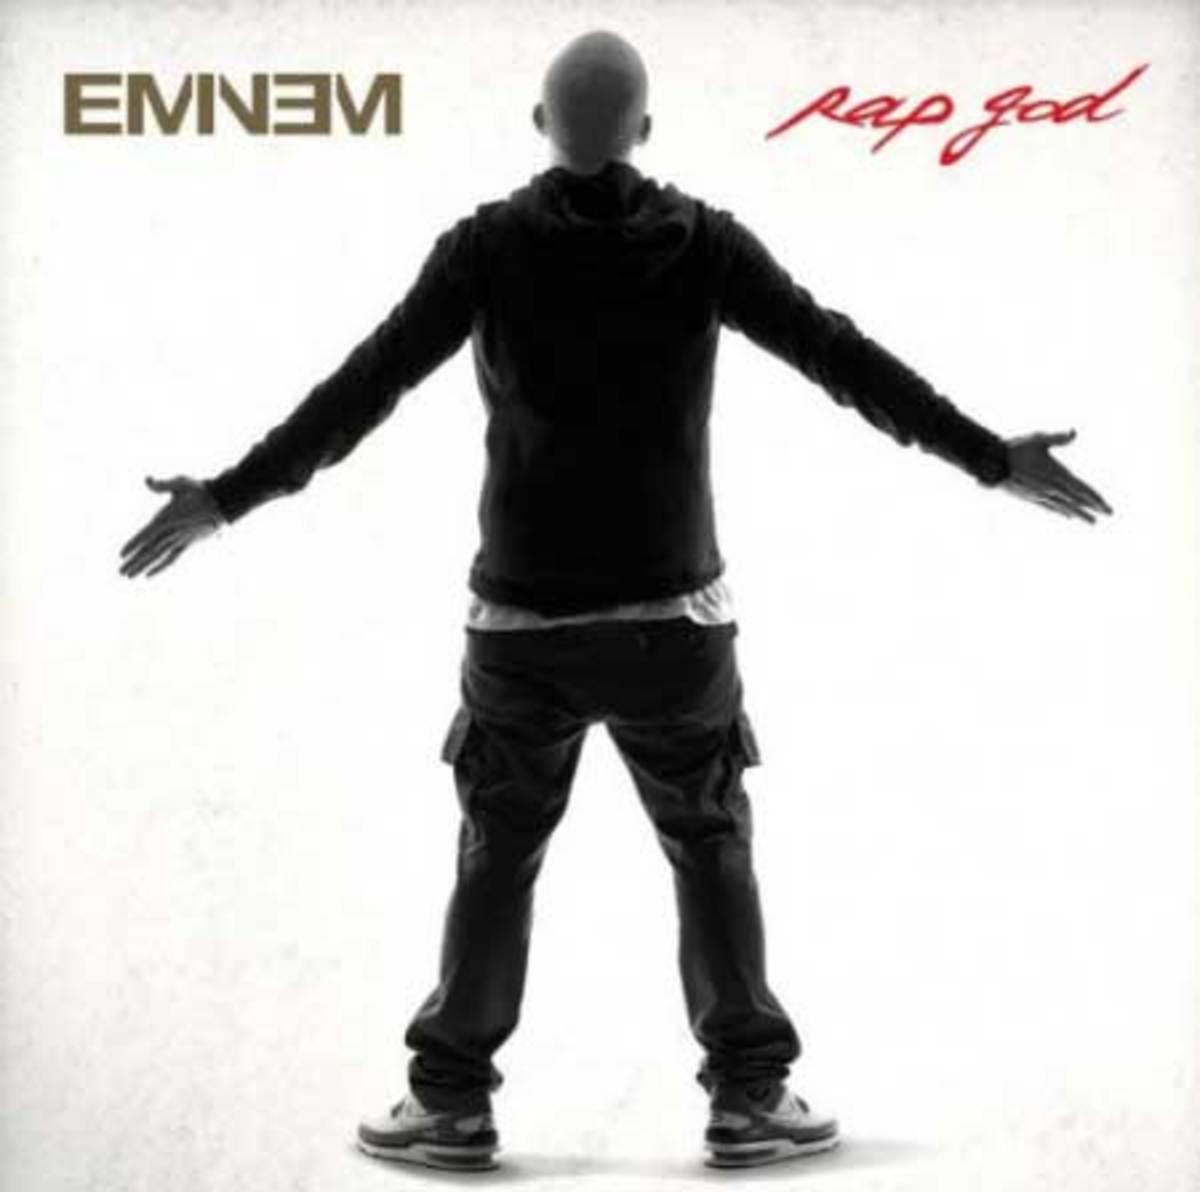 eminem-rap-god.jpg